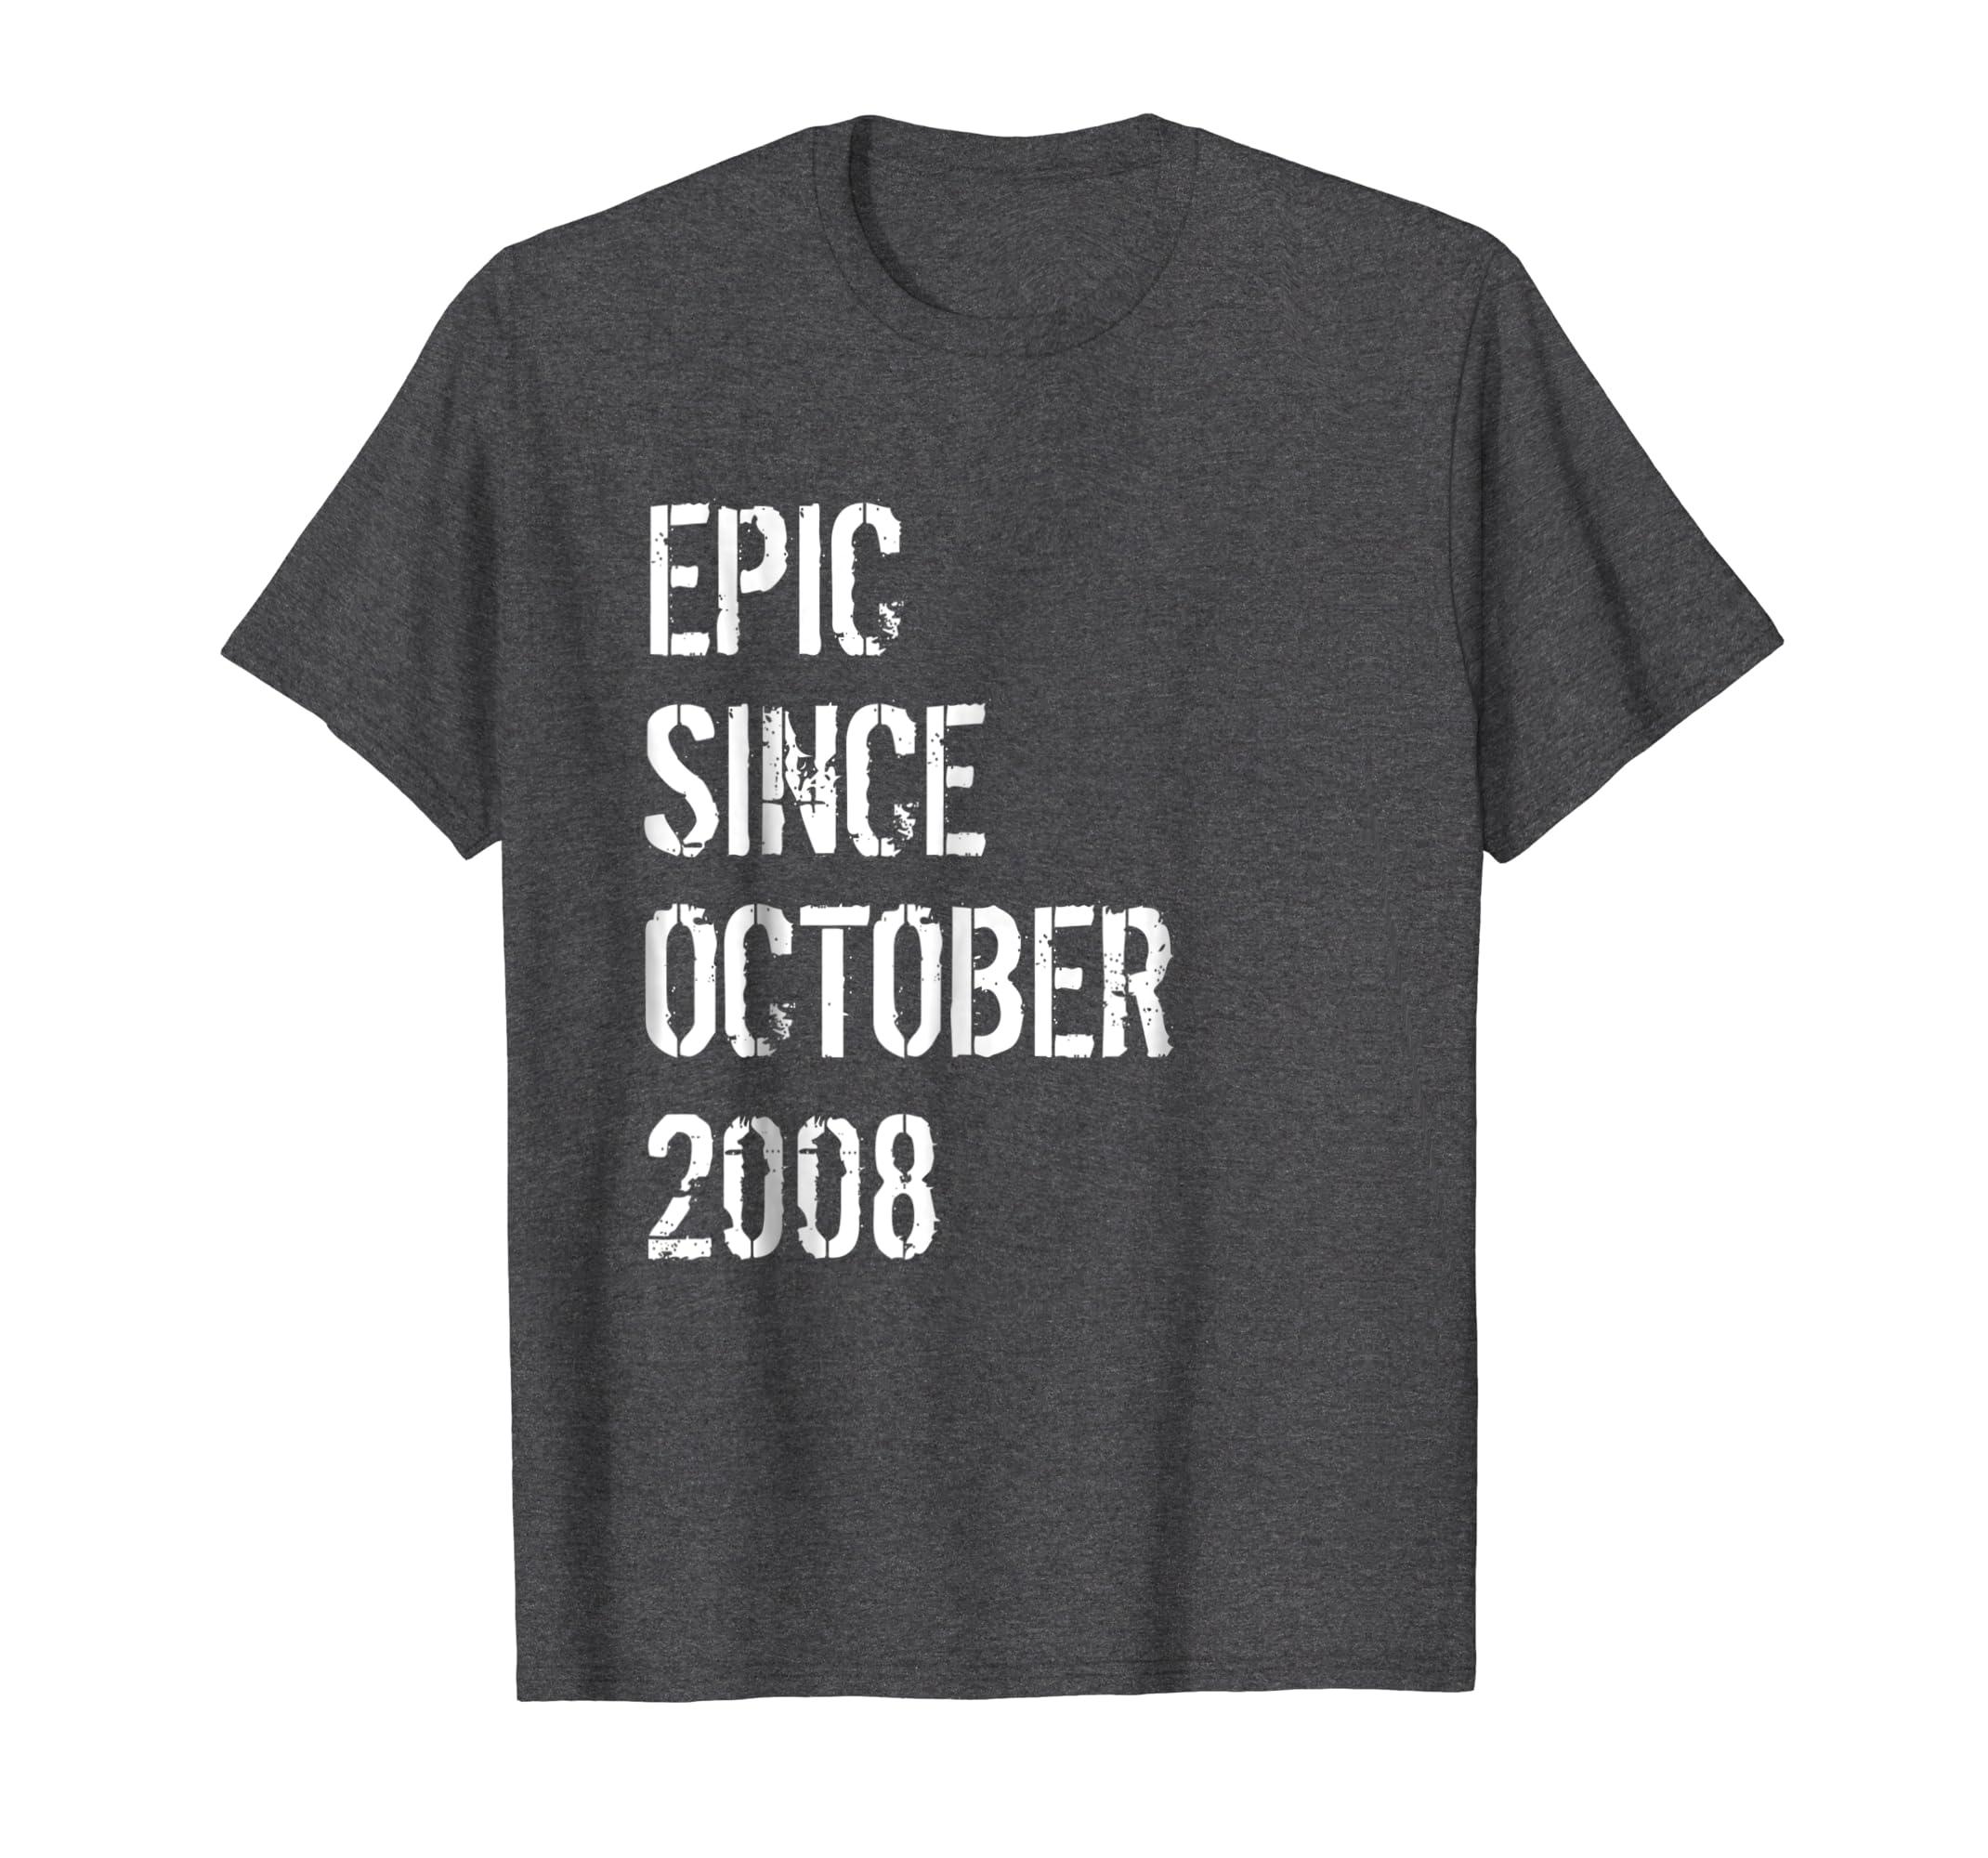 10th Birthday Gift Shirt Boys Girls Born In October 2008